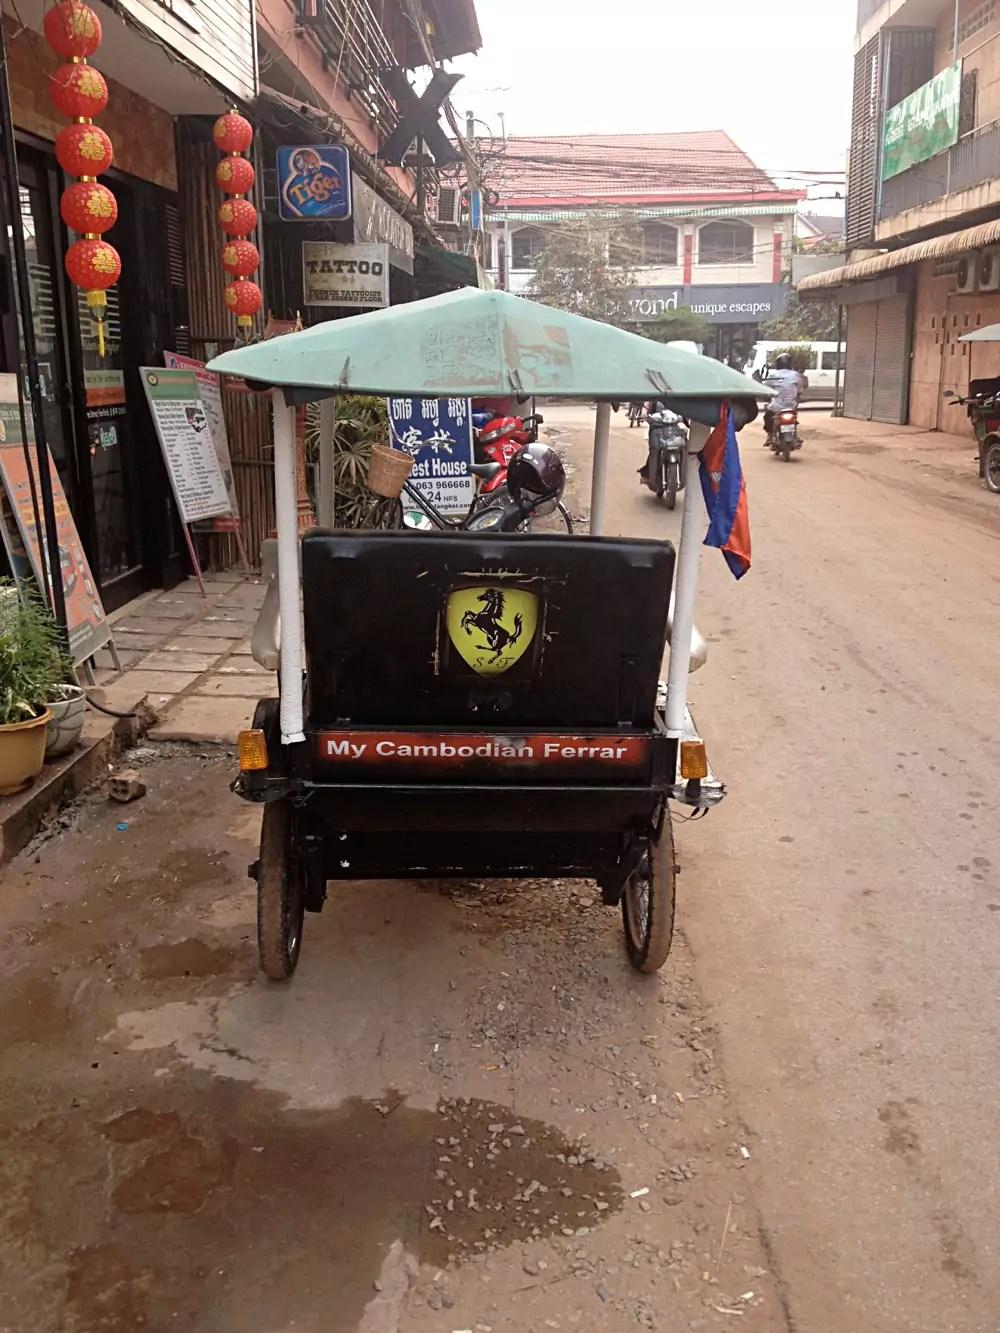 My Cambodian Ferrari